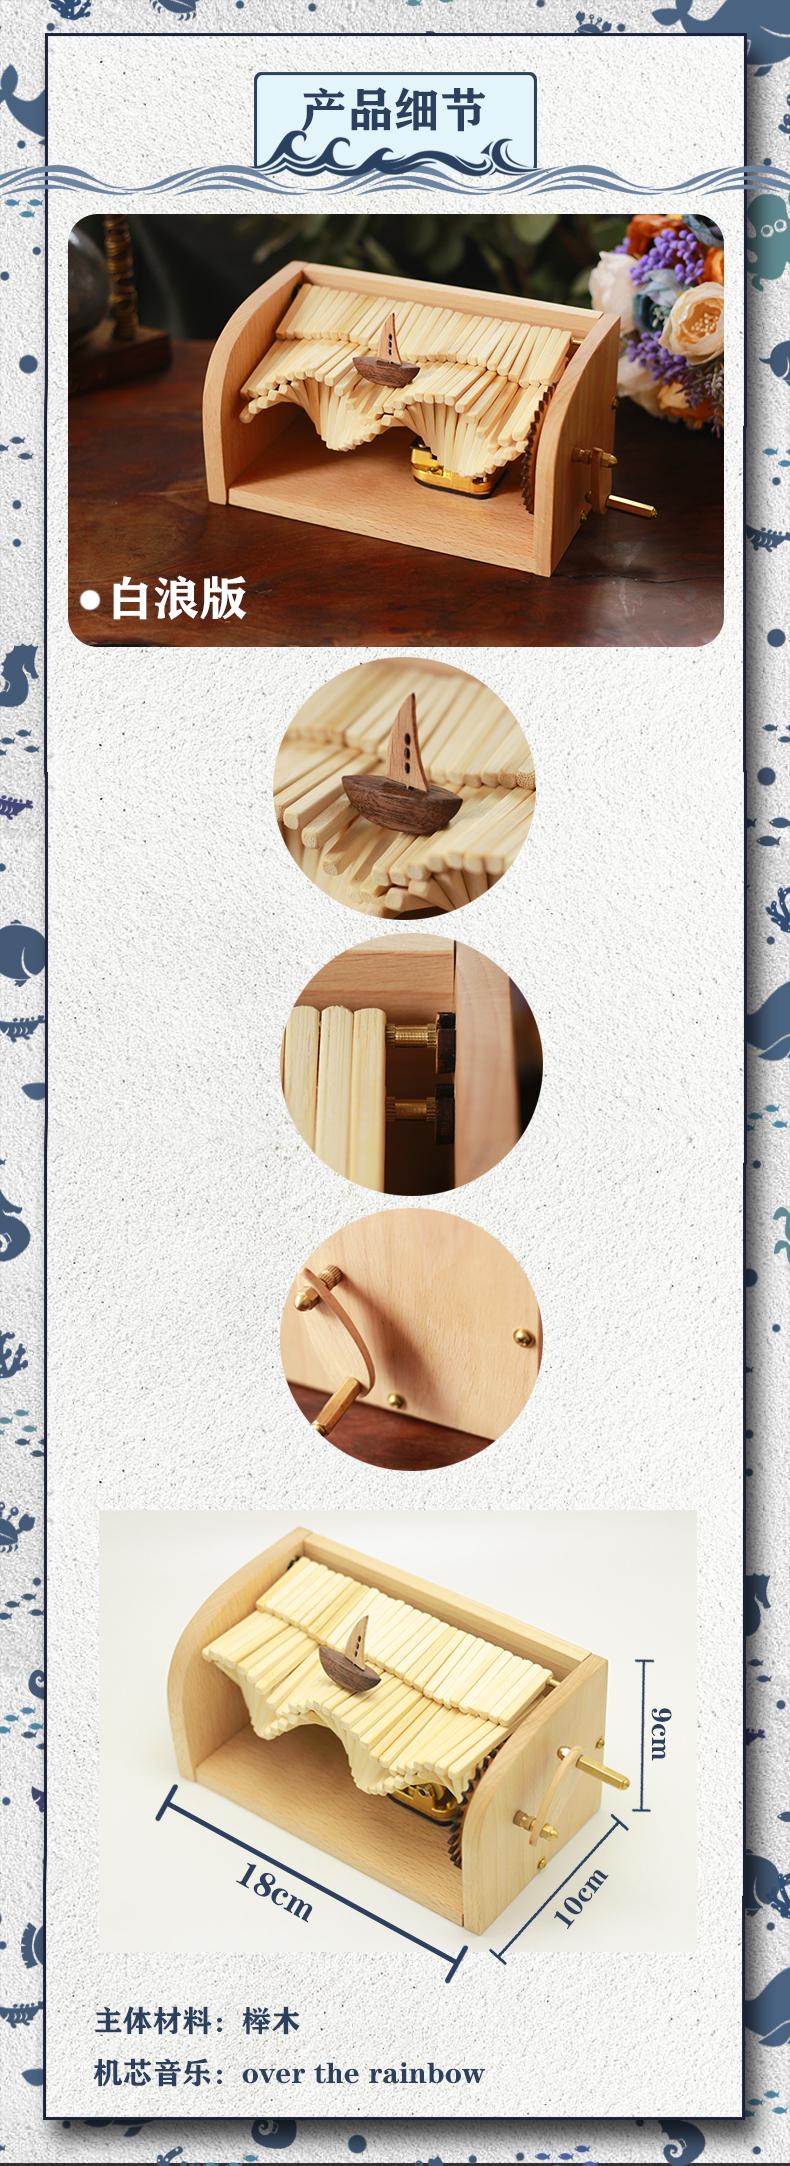 产品介绍页1.jpg